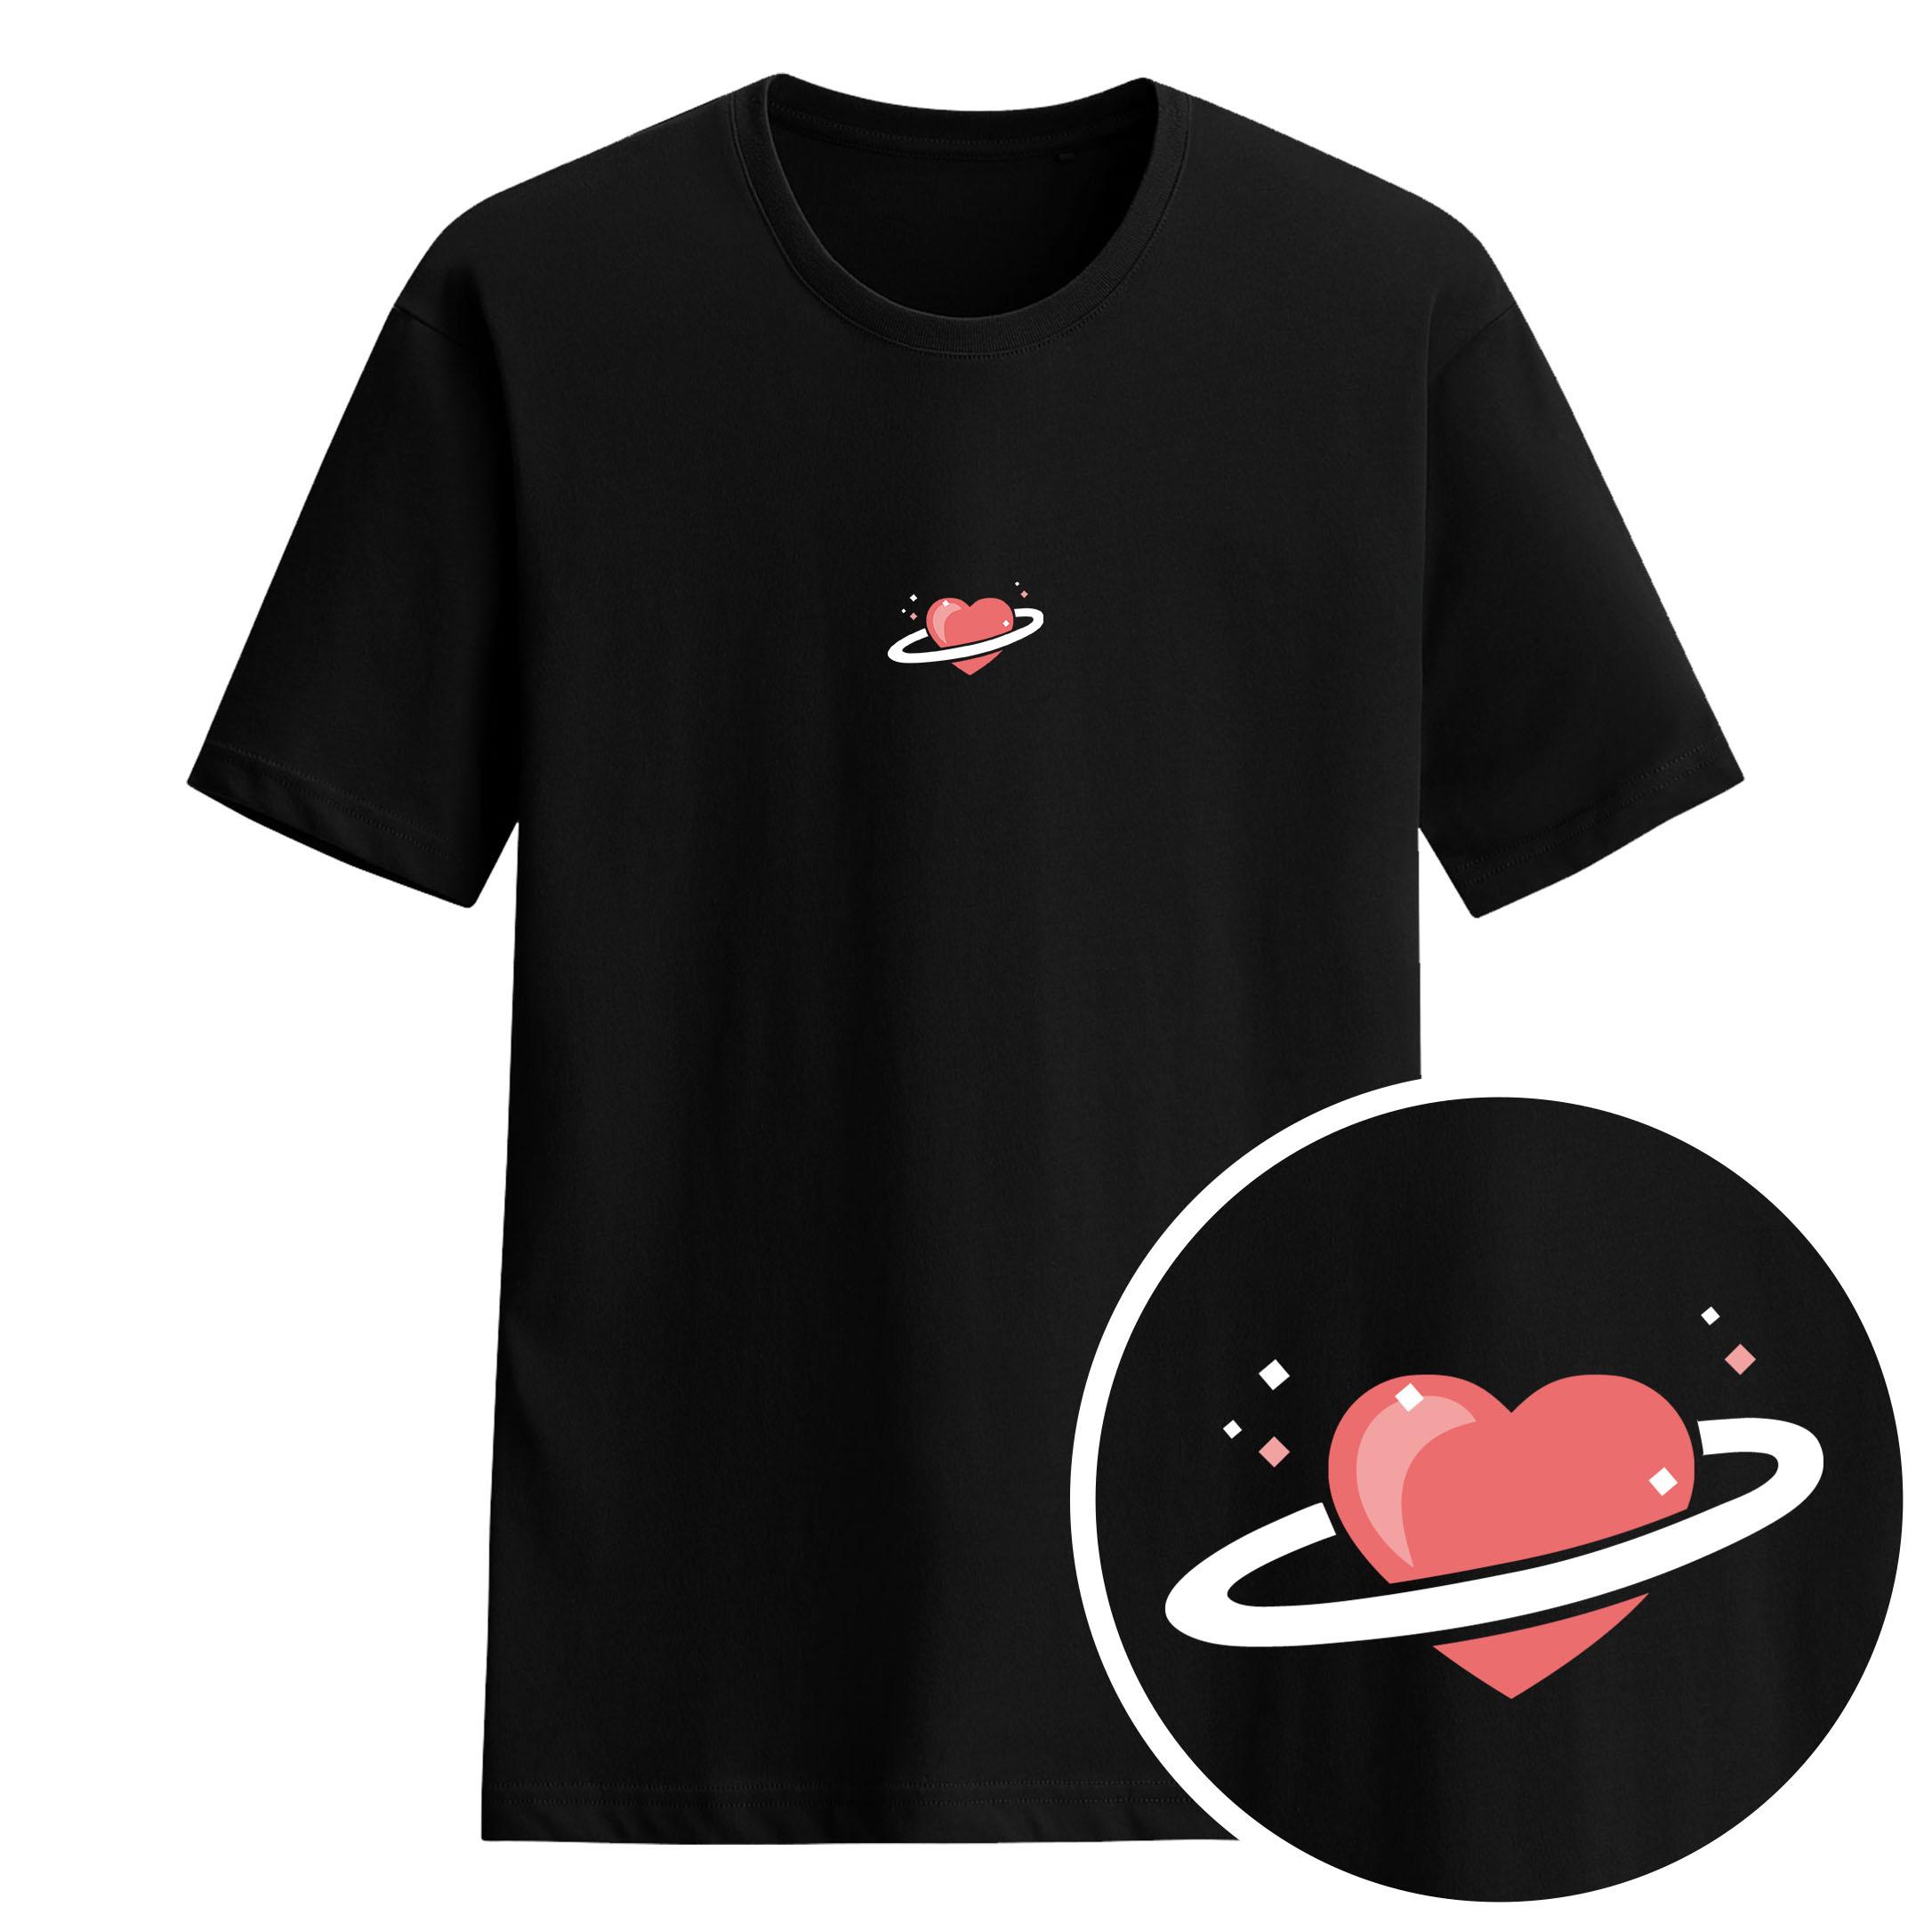 愛心行星短袖衫-GT88